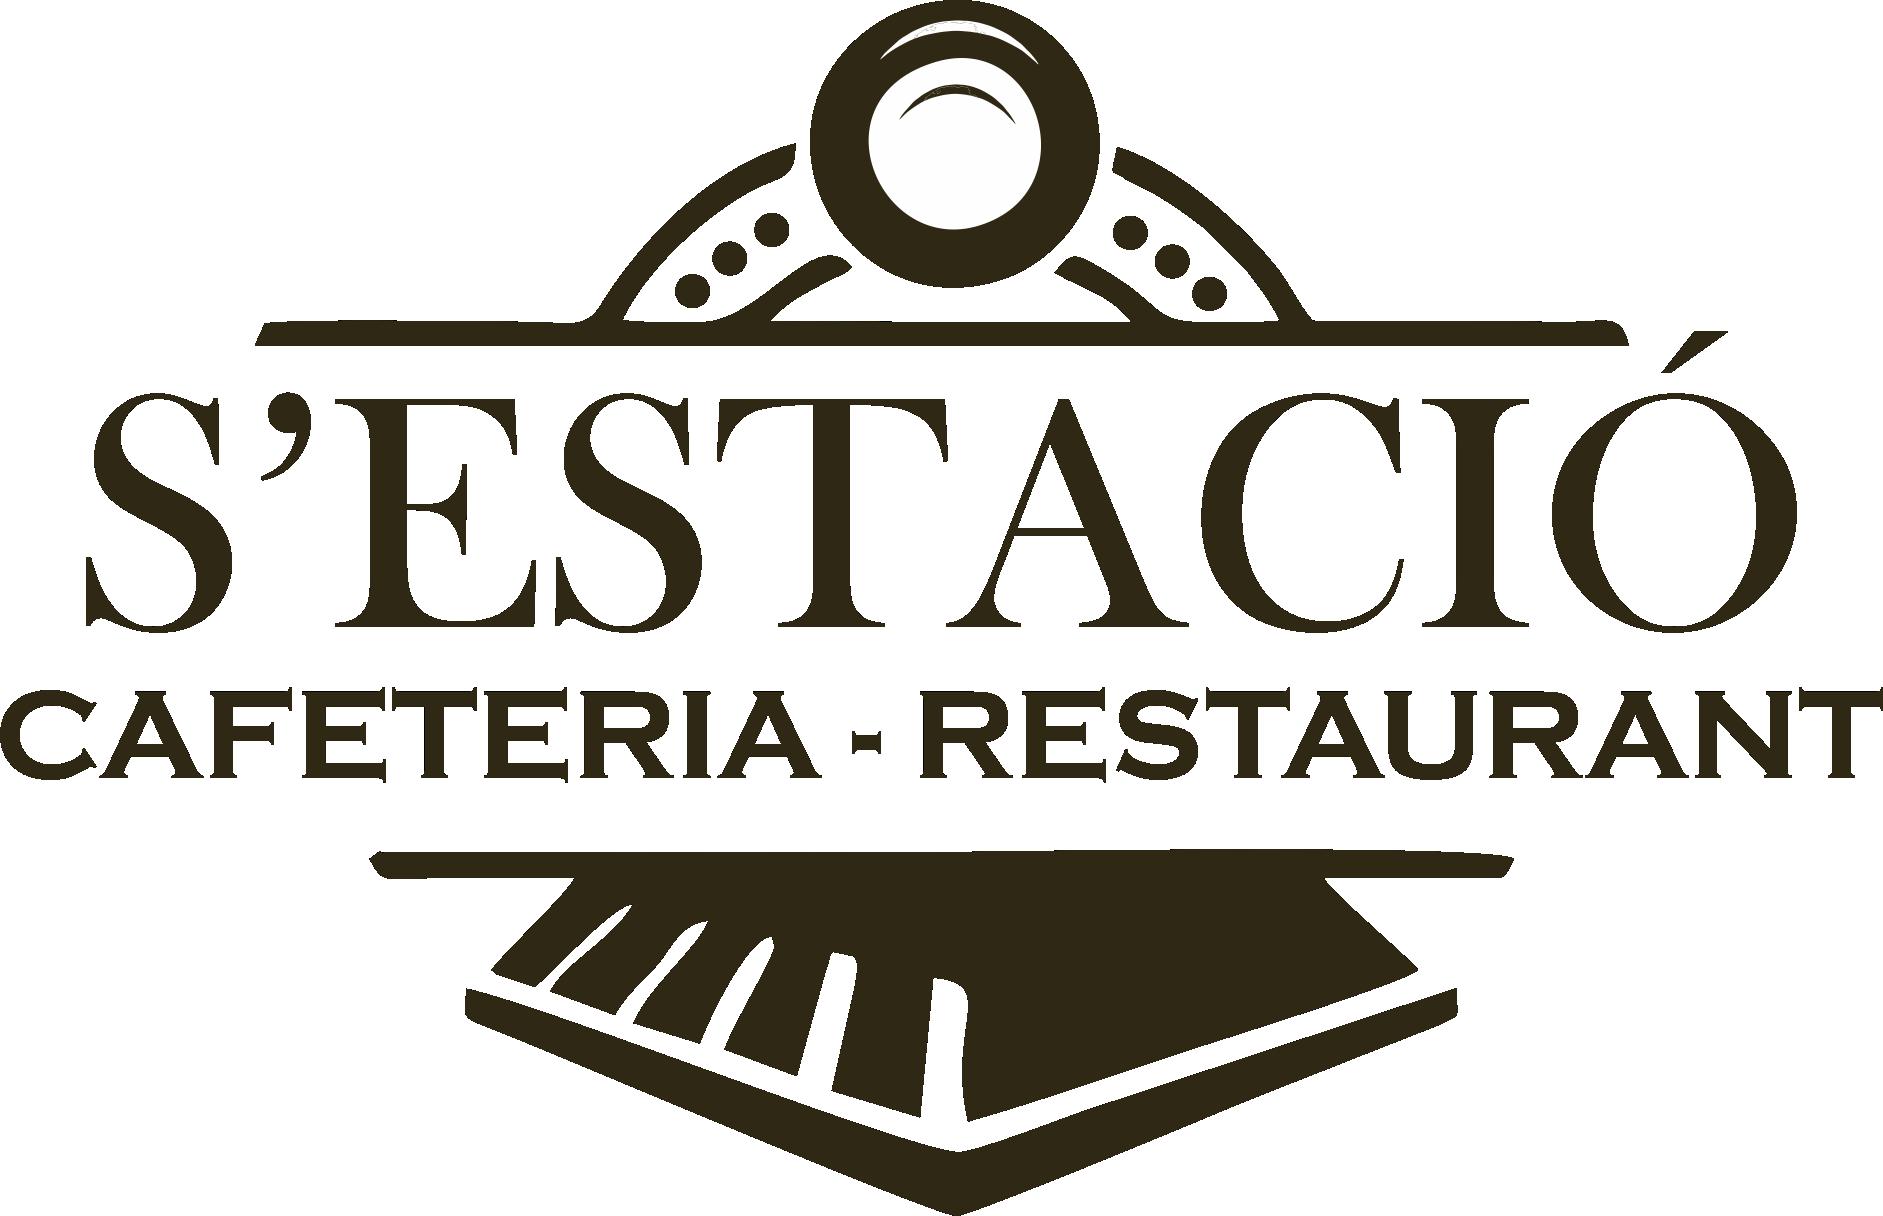 S'ESTACIÓ CAFETERIA RESTAURANT